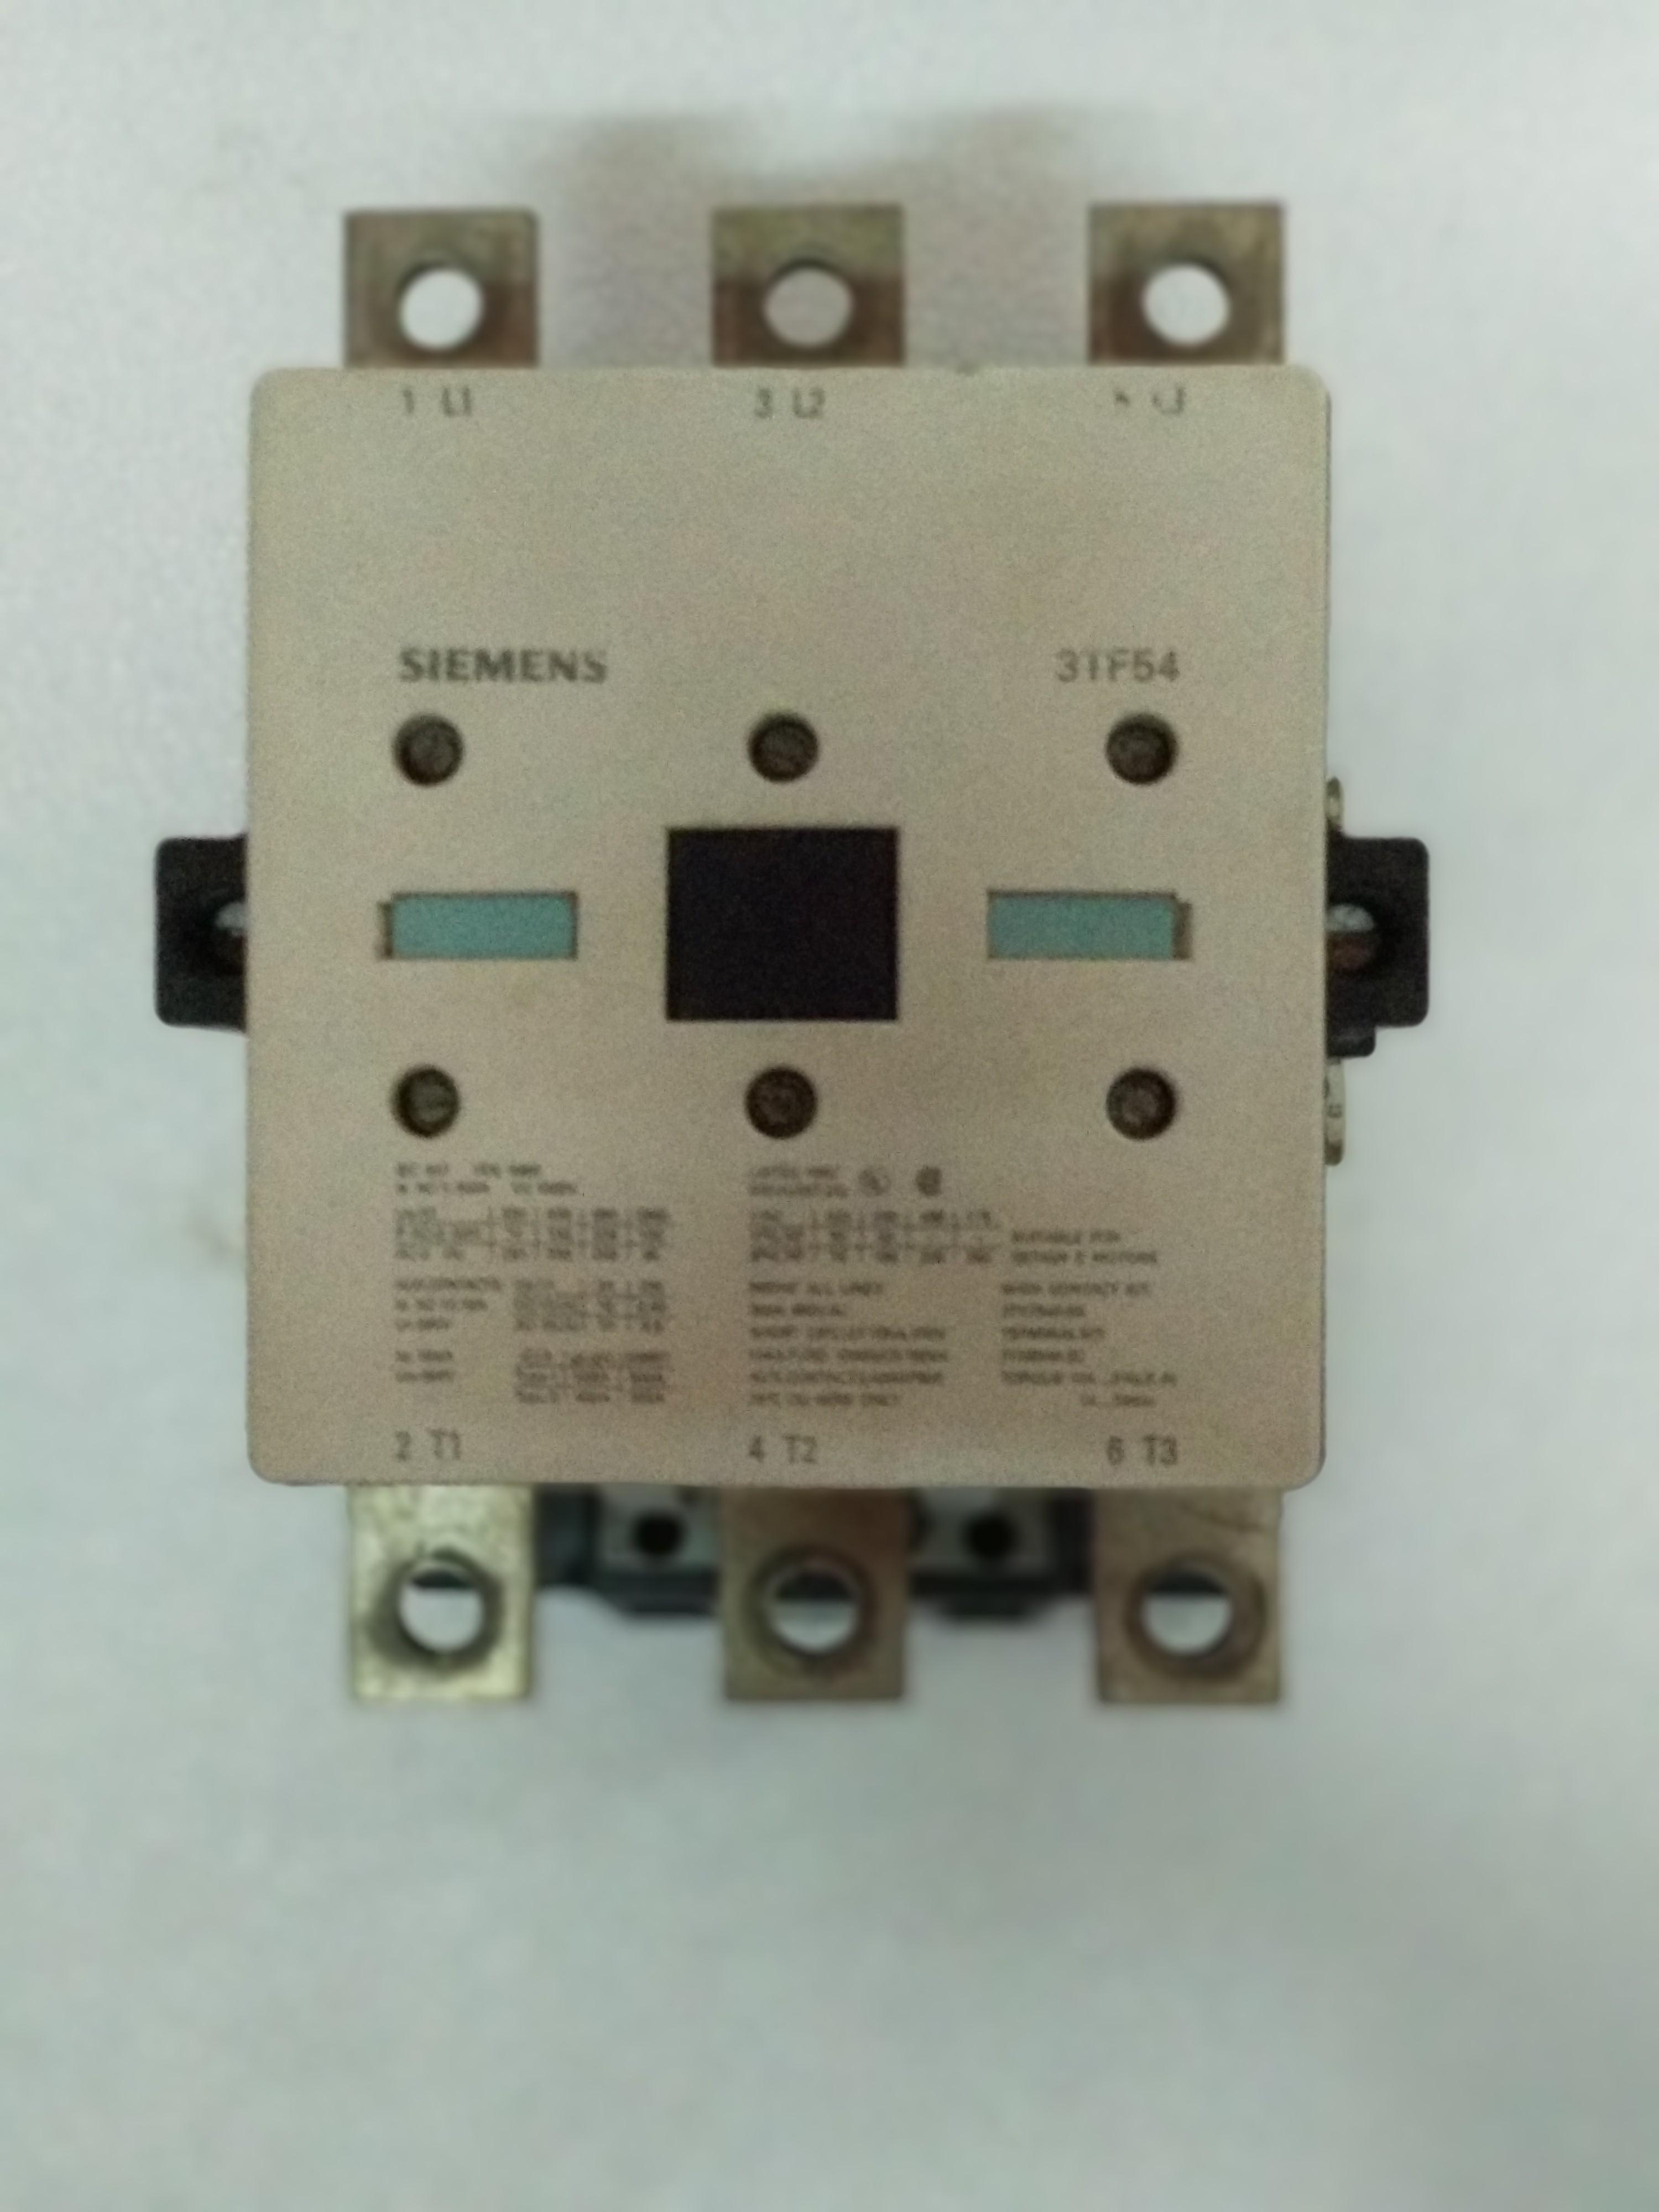 Siemens Contactor 3 TF Series